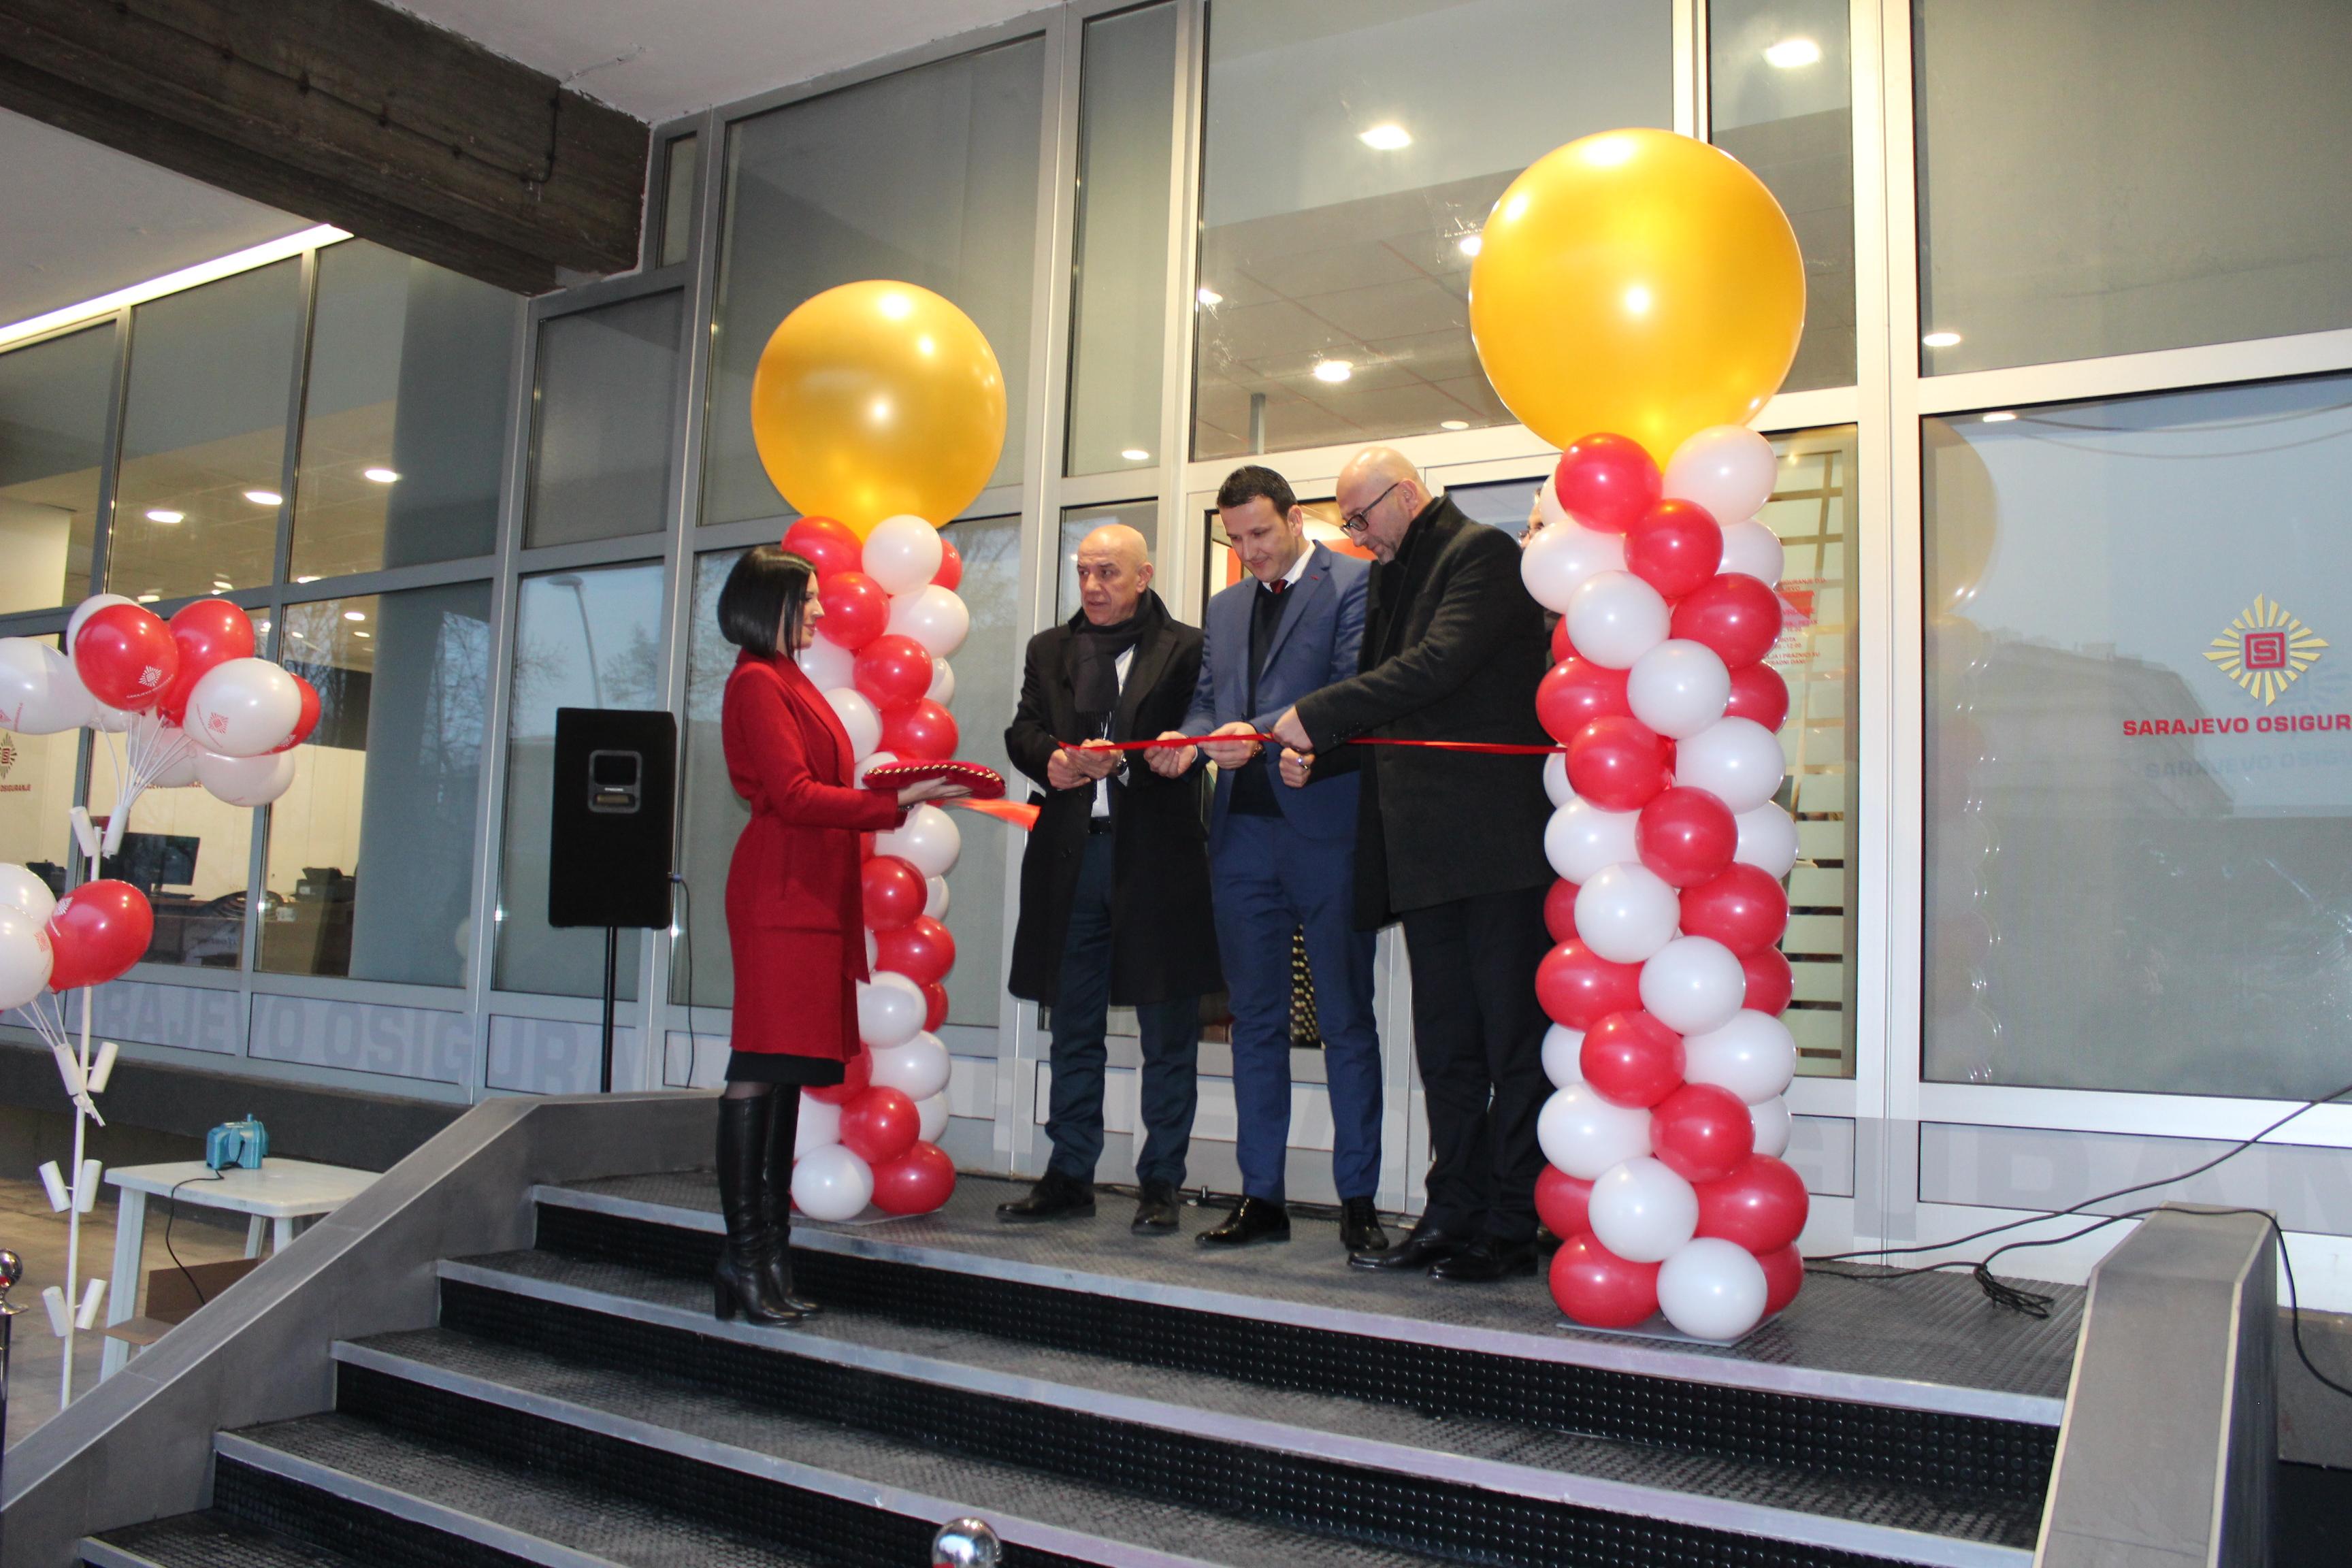 Svečano otvaranje prodajnog centra u Zenici